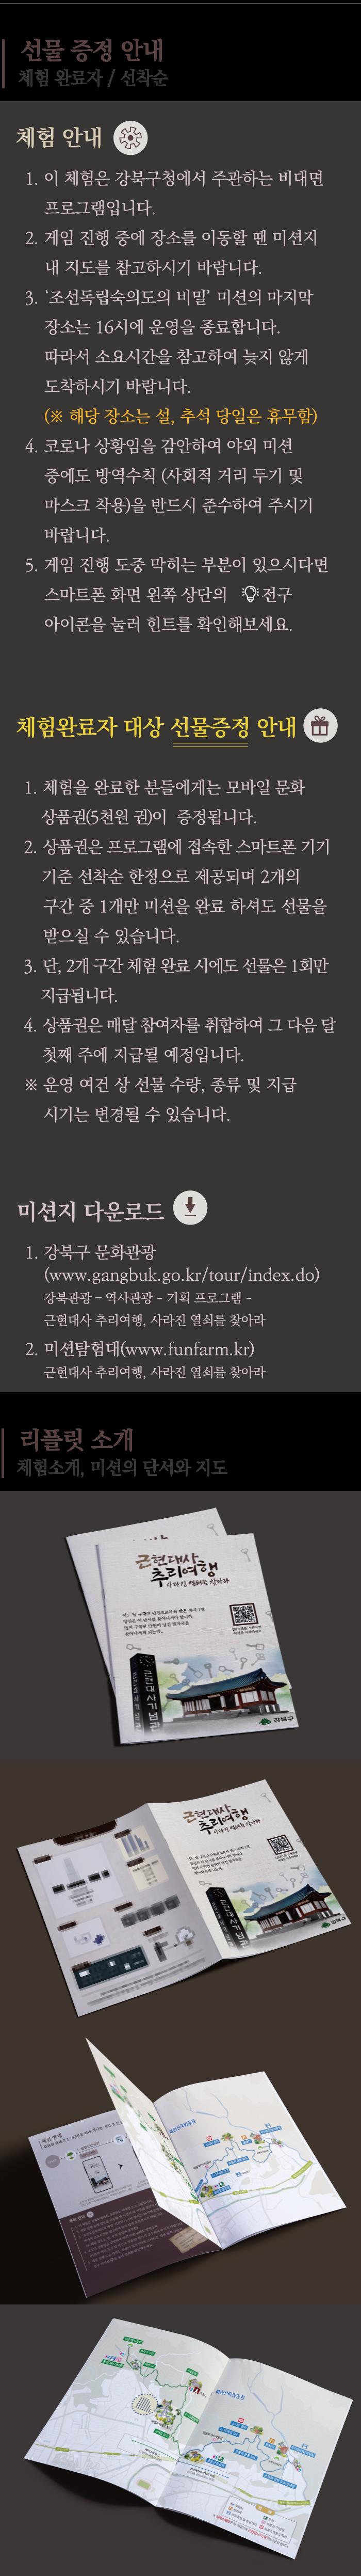 펀팜소개1_2.png